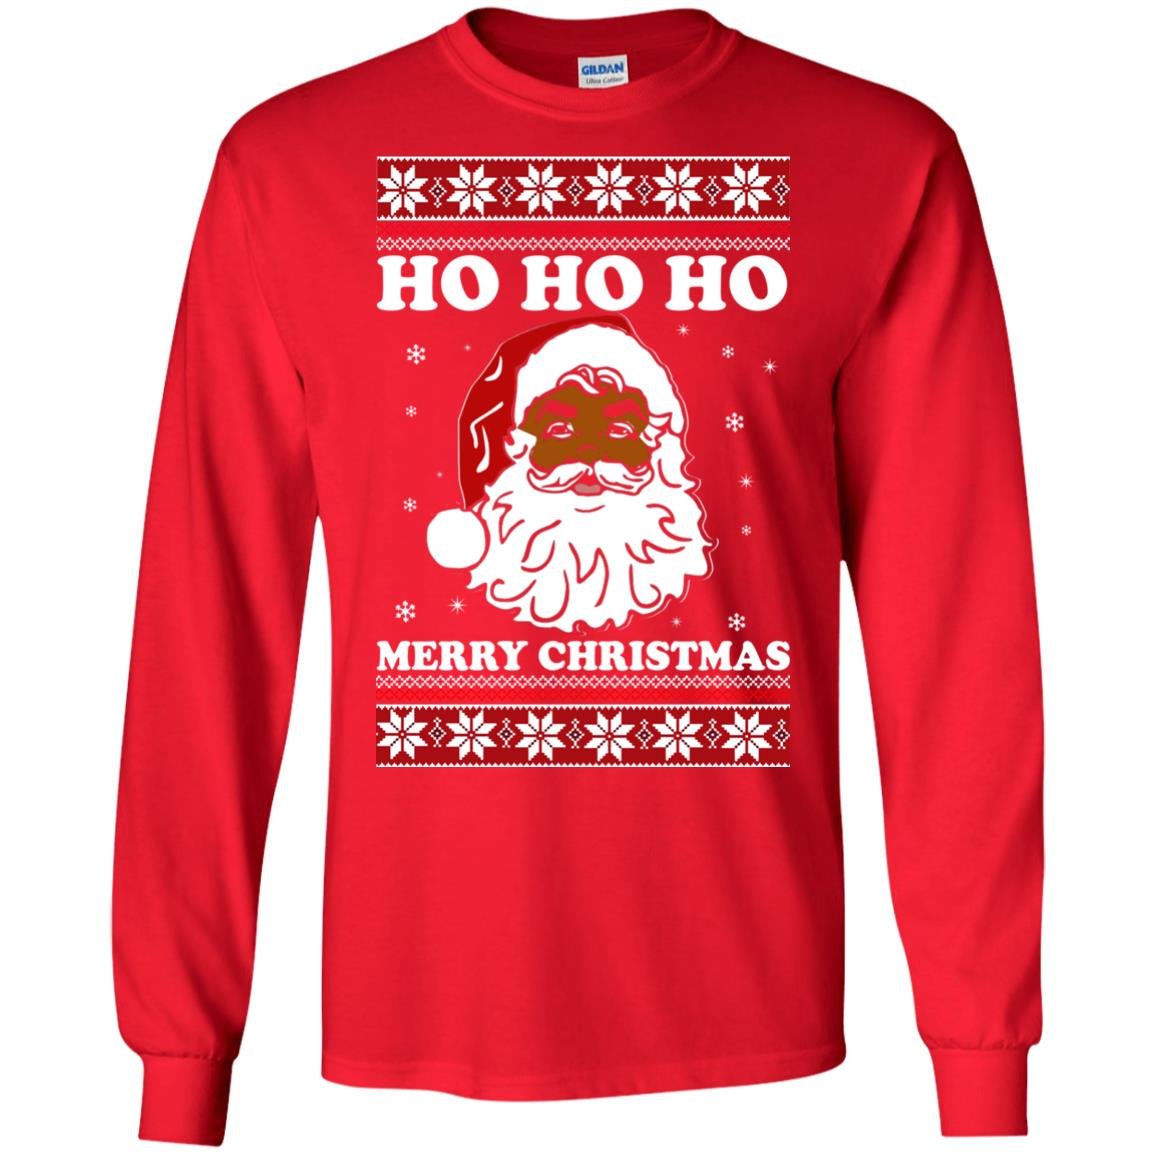 Black Santa Ho Ho Ho Merry Christmas Sweater, Long Sleeve - Rockatee